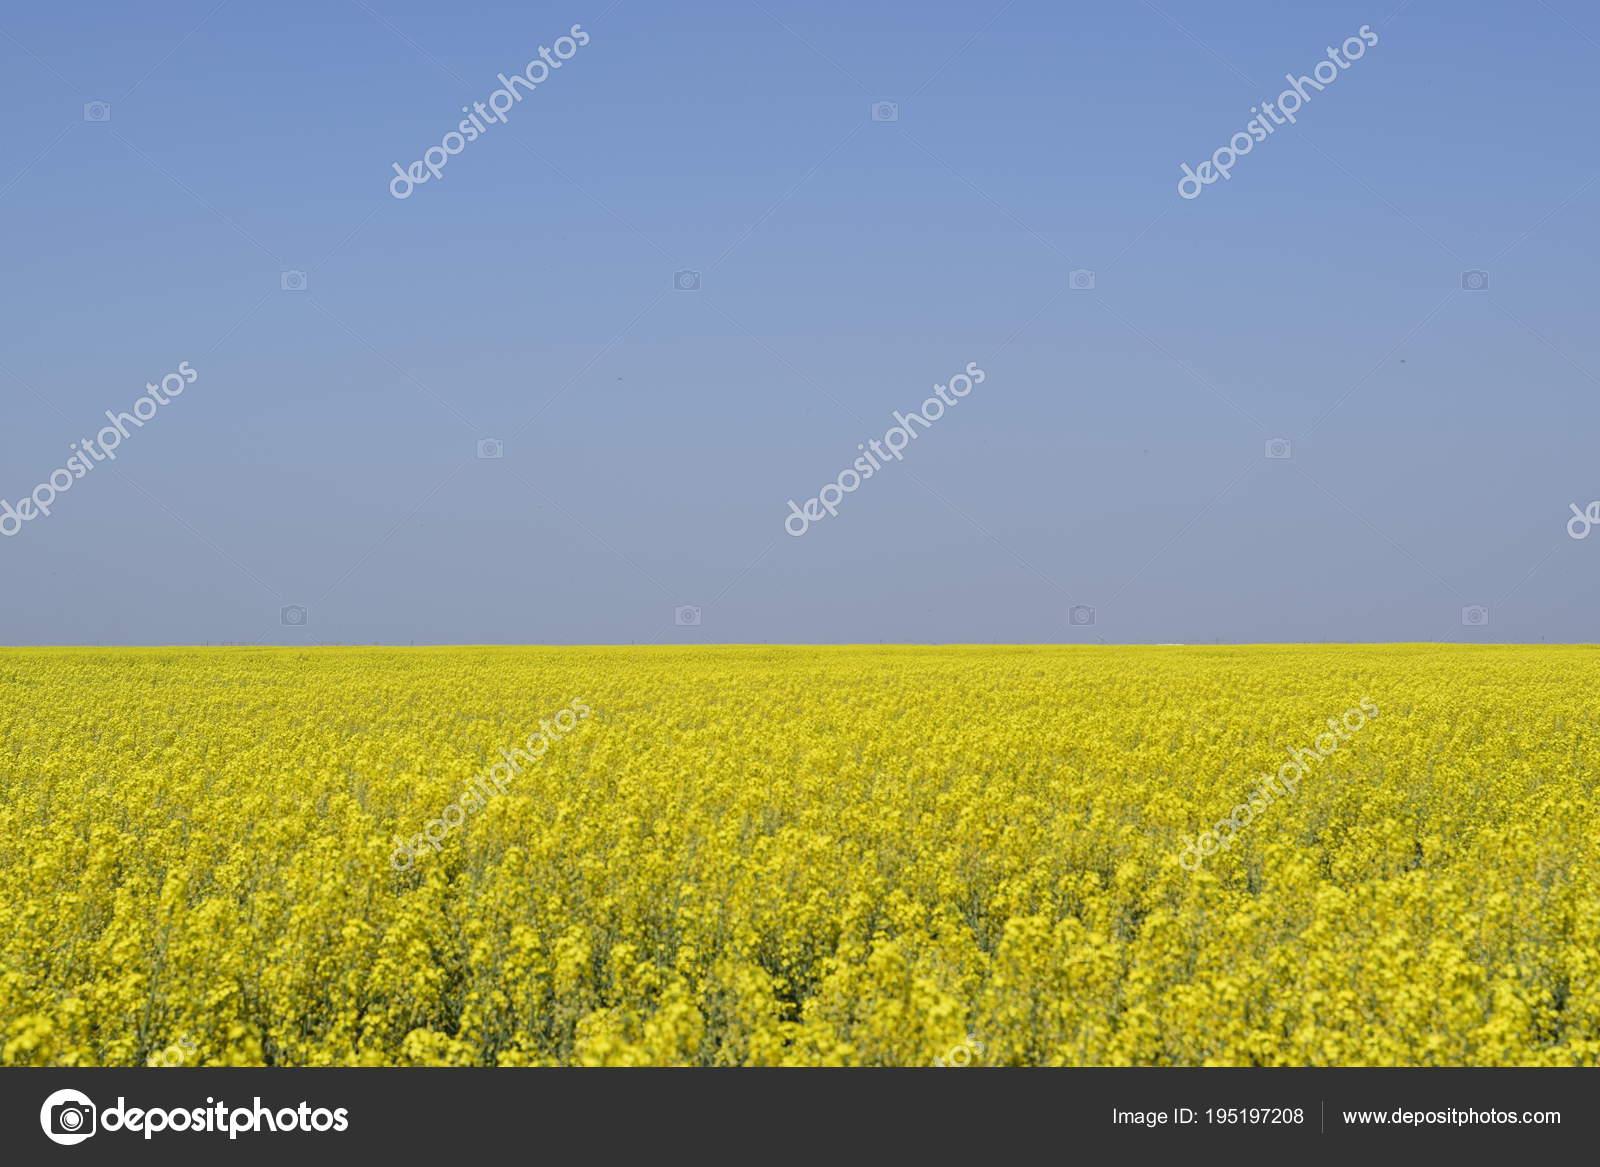 Rapeseed Field Yellow Rape Flowers Field Landscape Blue Sky And